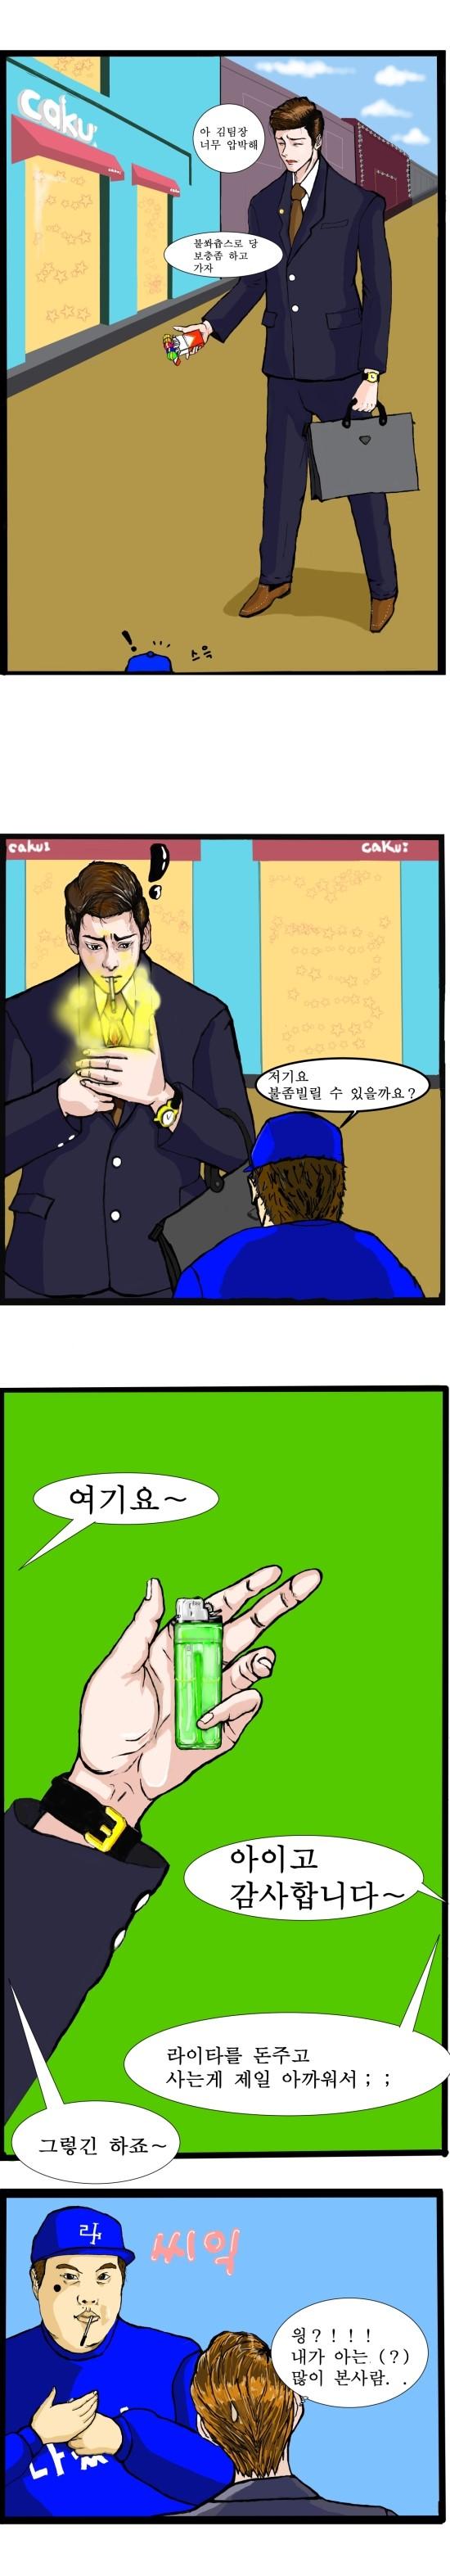 김민종4컷만순서는위에서아래로.jpg